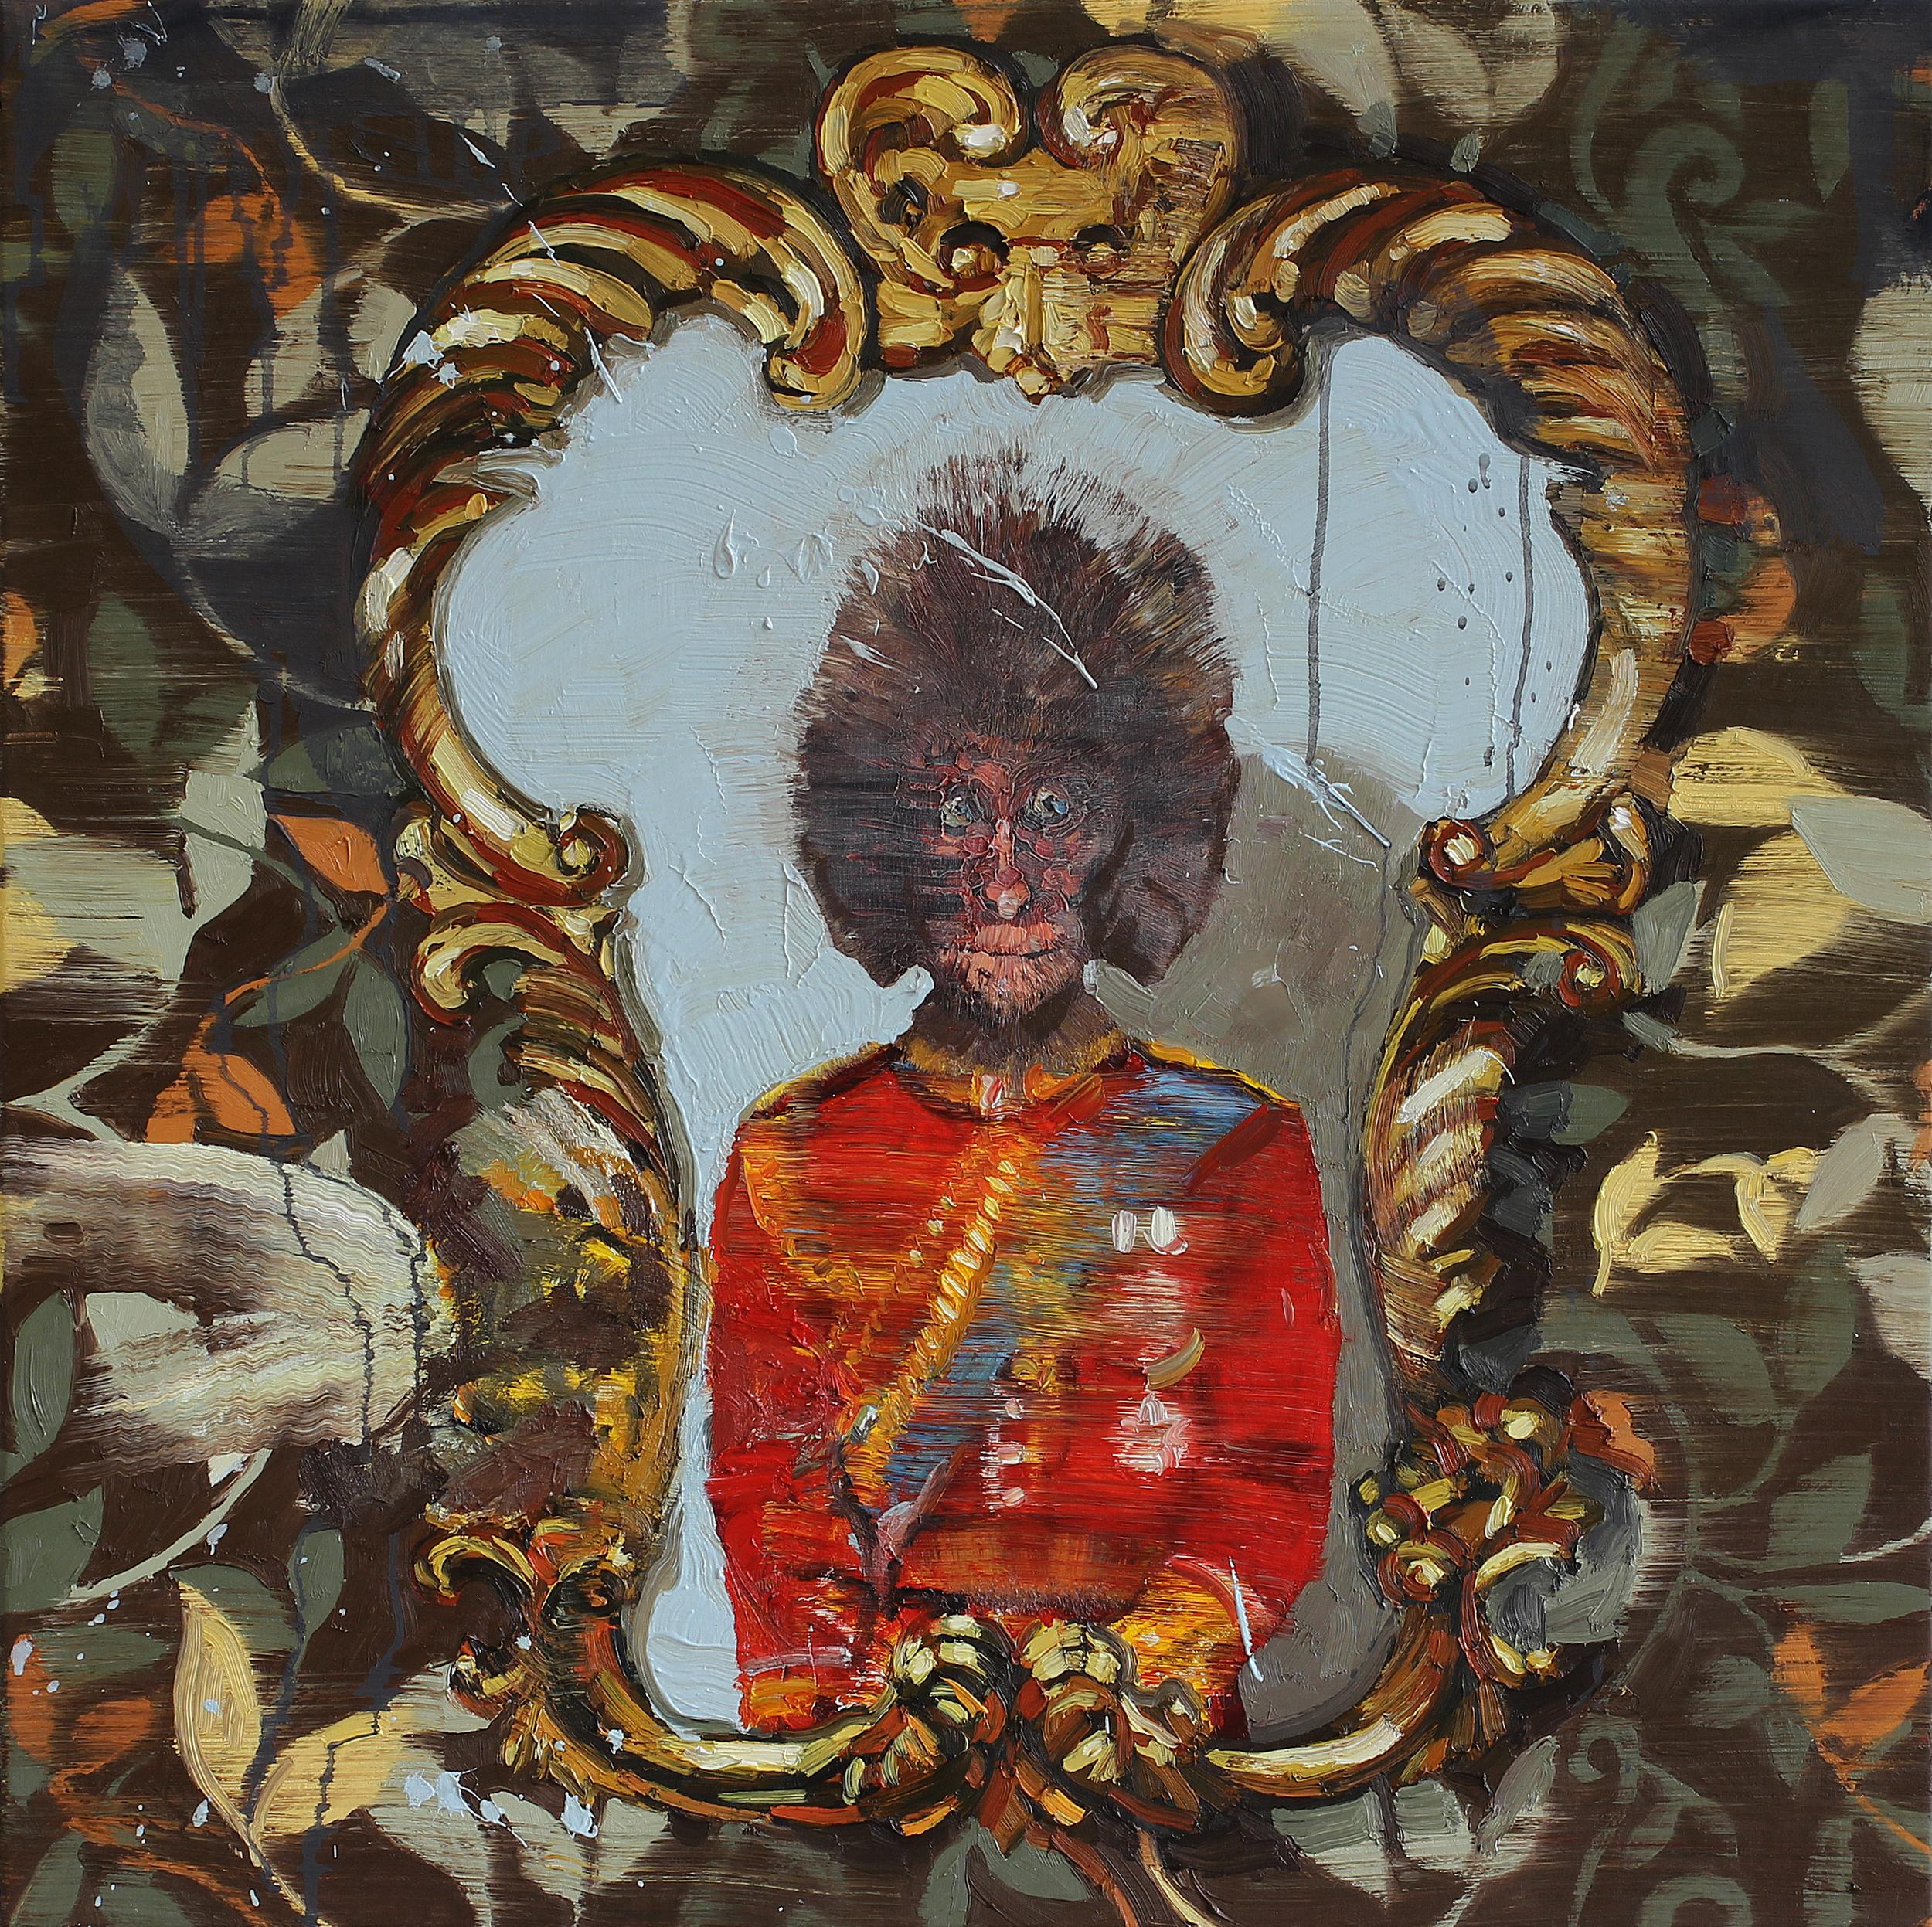 Den Belgiske kongens tilbakekomst | 85x85 cm | Olje på lerret | Privat eie